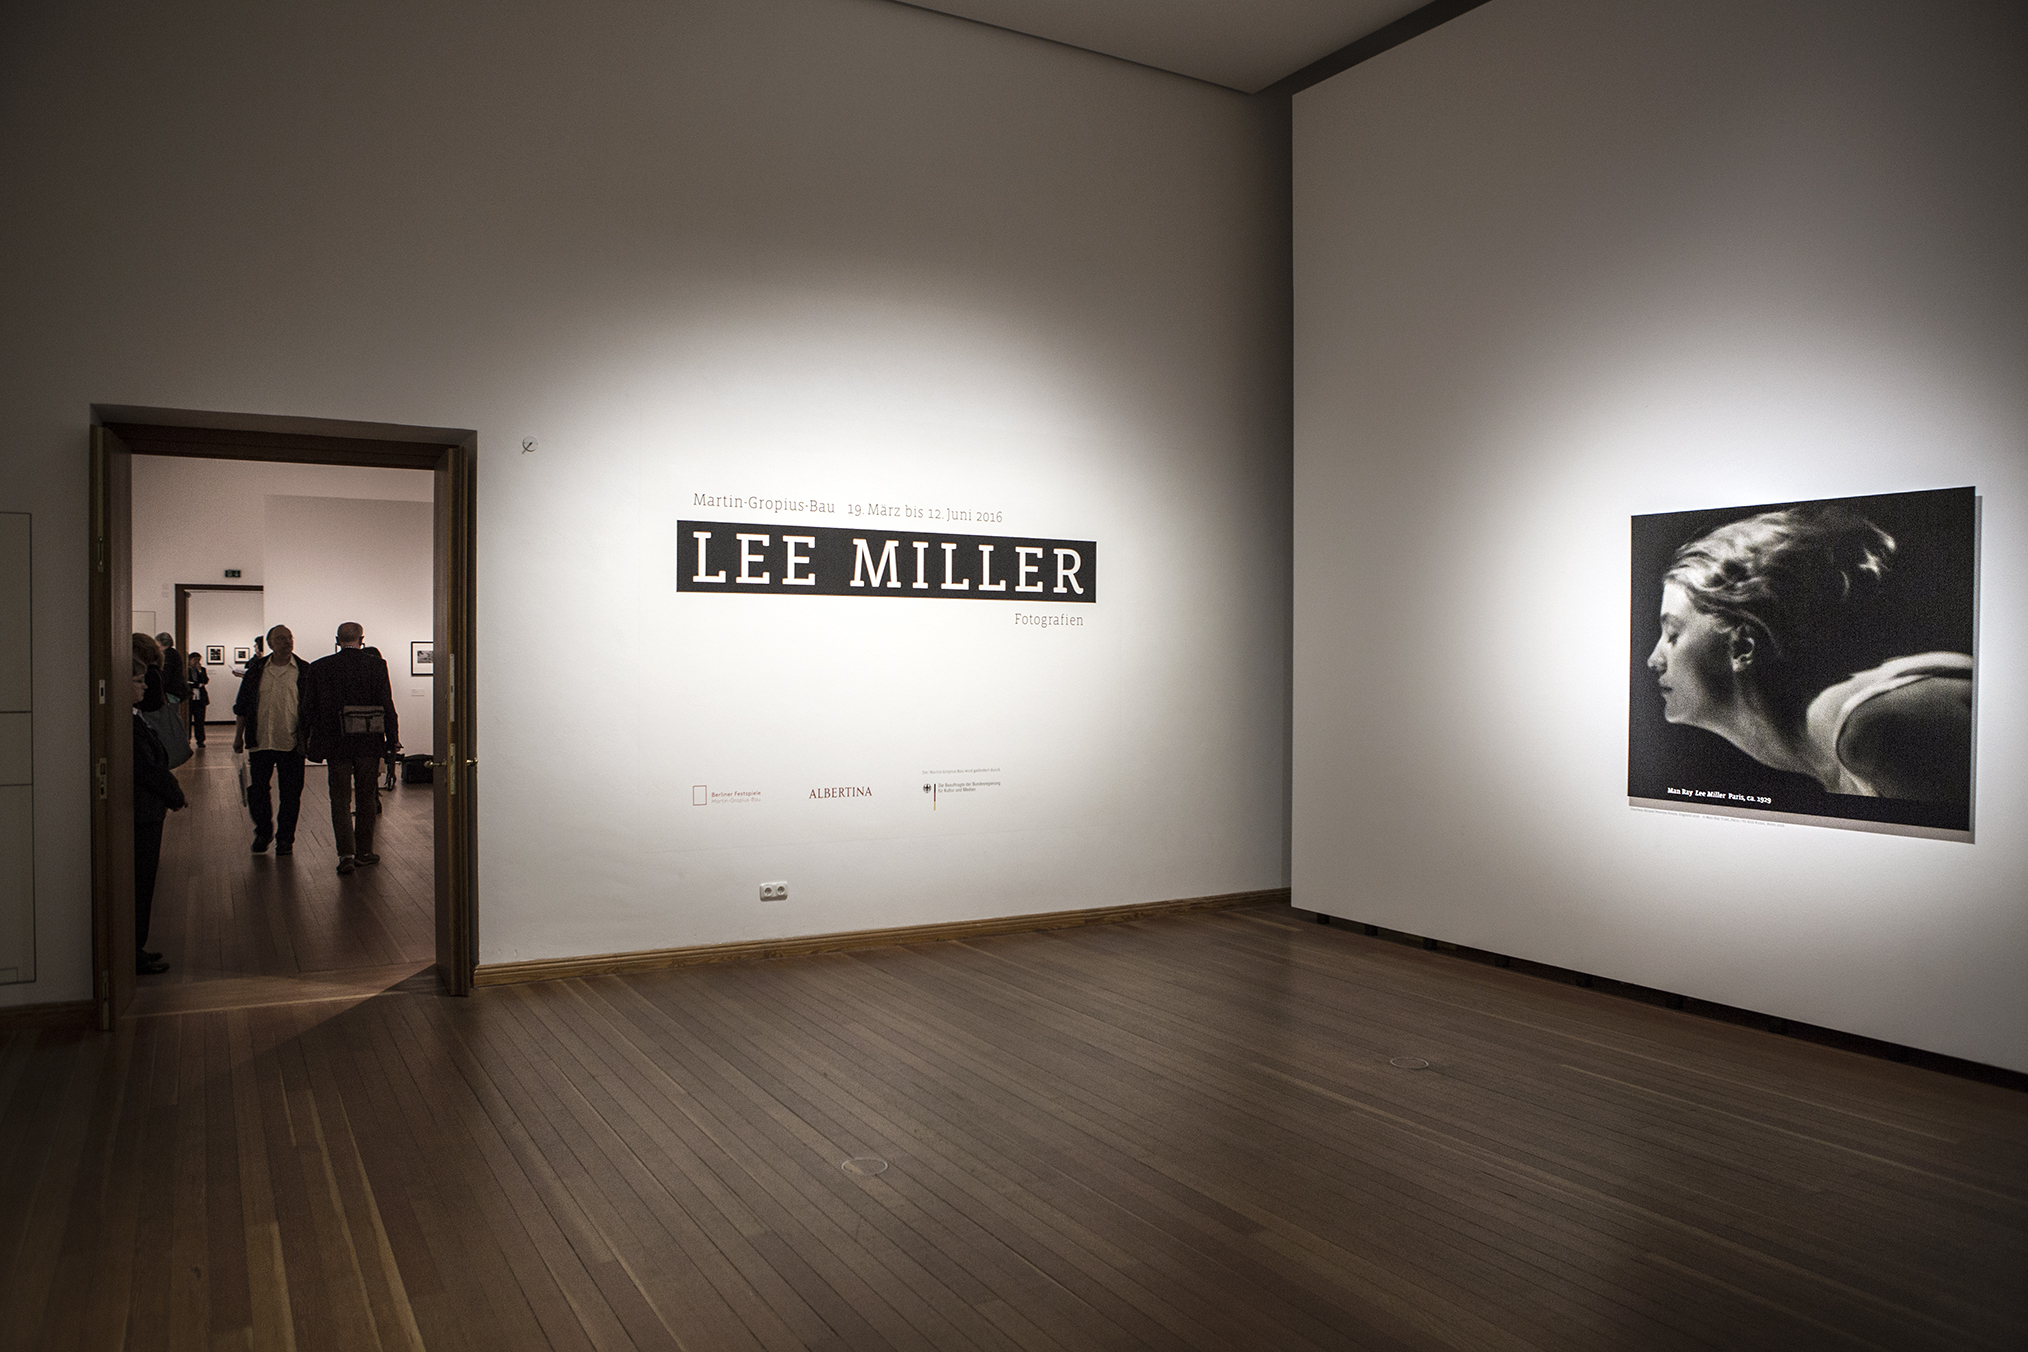 Ausstellung: Lee Miller – Fotografien, Eine Ausstellung der Albertina Wien in Zusammenarbeit mit dem Martin-Gropius-Bau und der Lee Miller Foundation, Foto: Anne Chahine © mit freundlicher Genehmigung